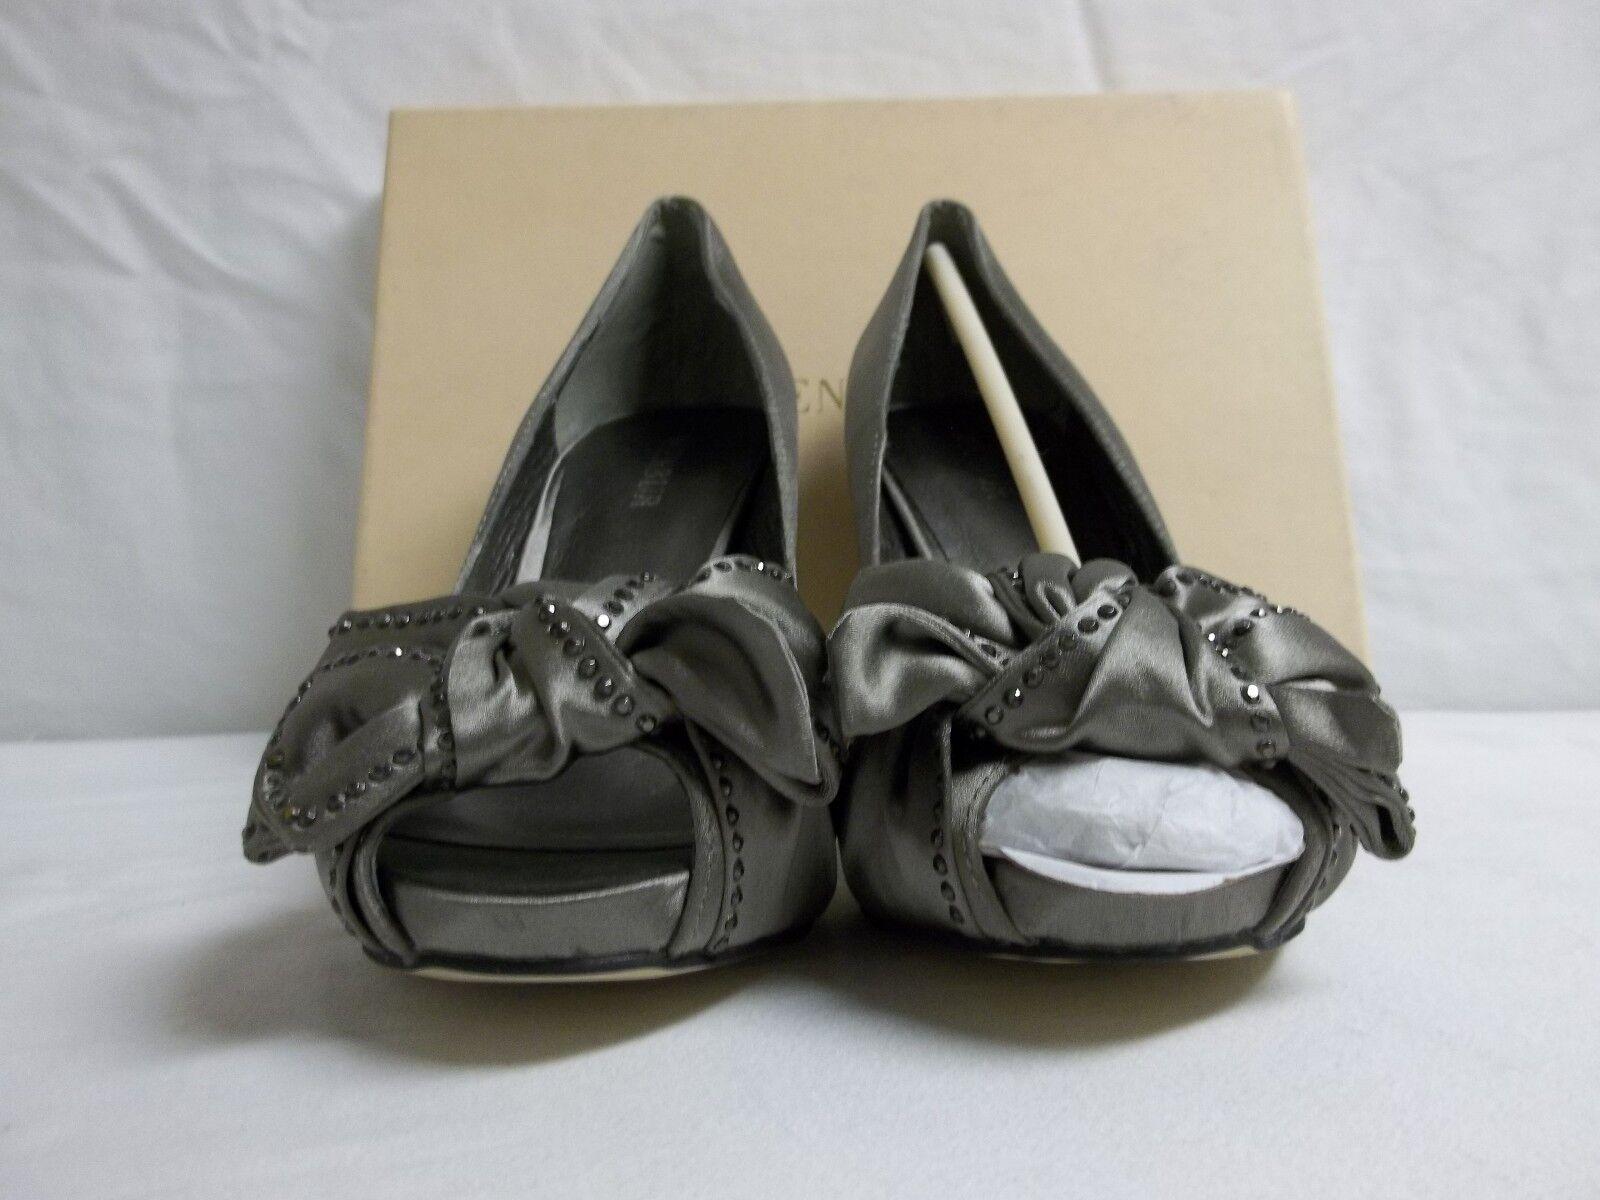 Menbur Size EU 38 US 7.5 M Gurk Cement Cement Cement Open Toe Pumps New Womens shoes 697db6